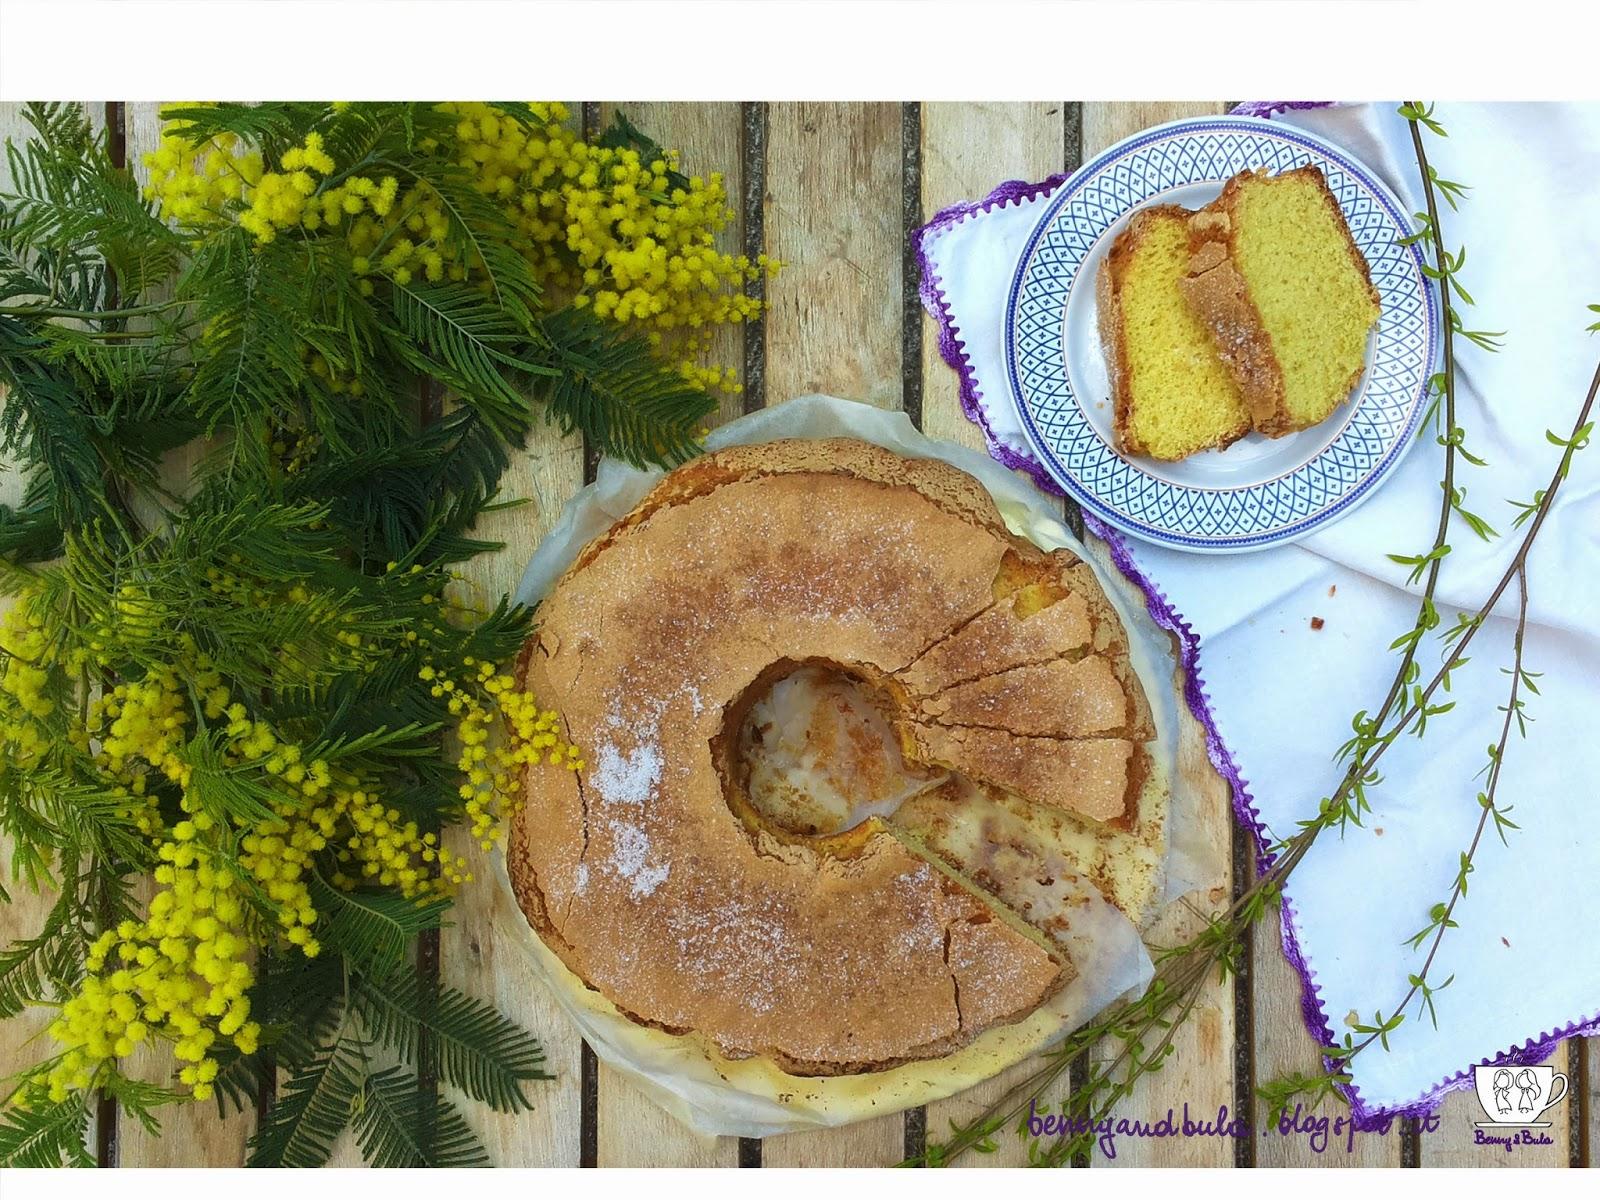 ricetta ciambellone classico al limone ricoperto con crosta di zucchero/ lemon donut cake with sugar crust recipe